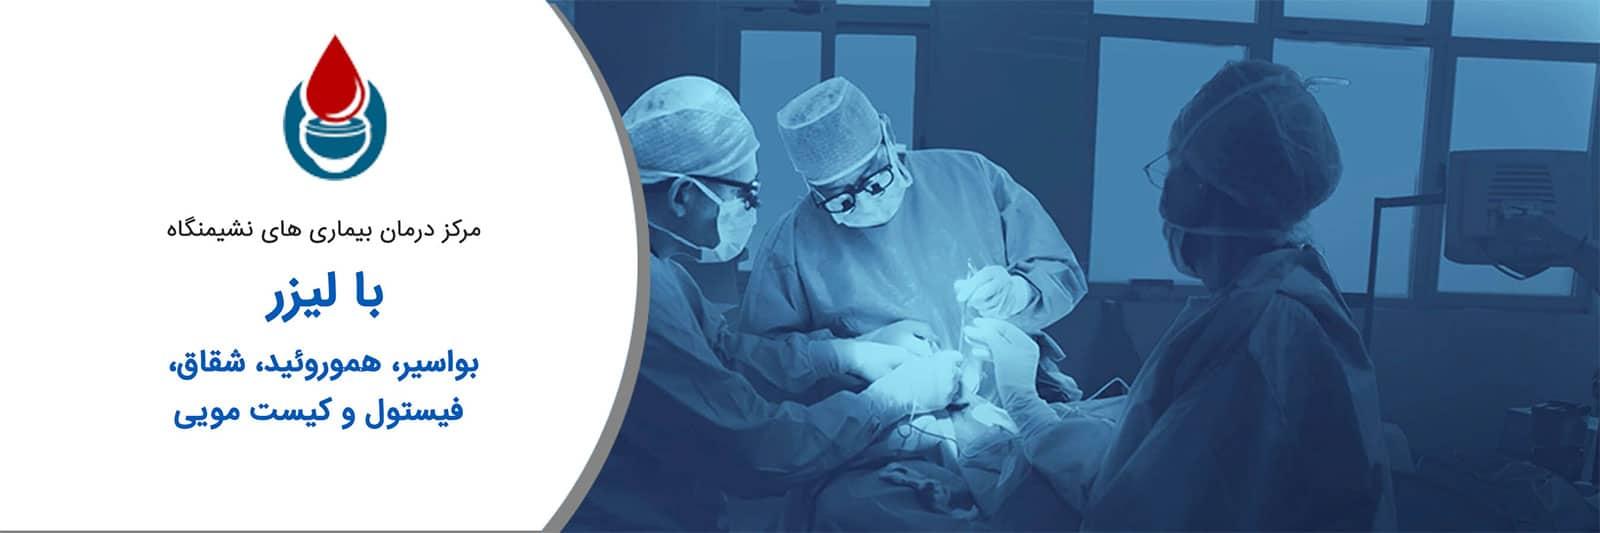 کلینیک دکتر بیژن عابدیان مرکز تخصصی درمان بیماری های مقعدی با لیزر درمانی